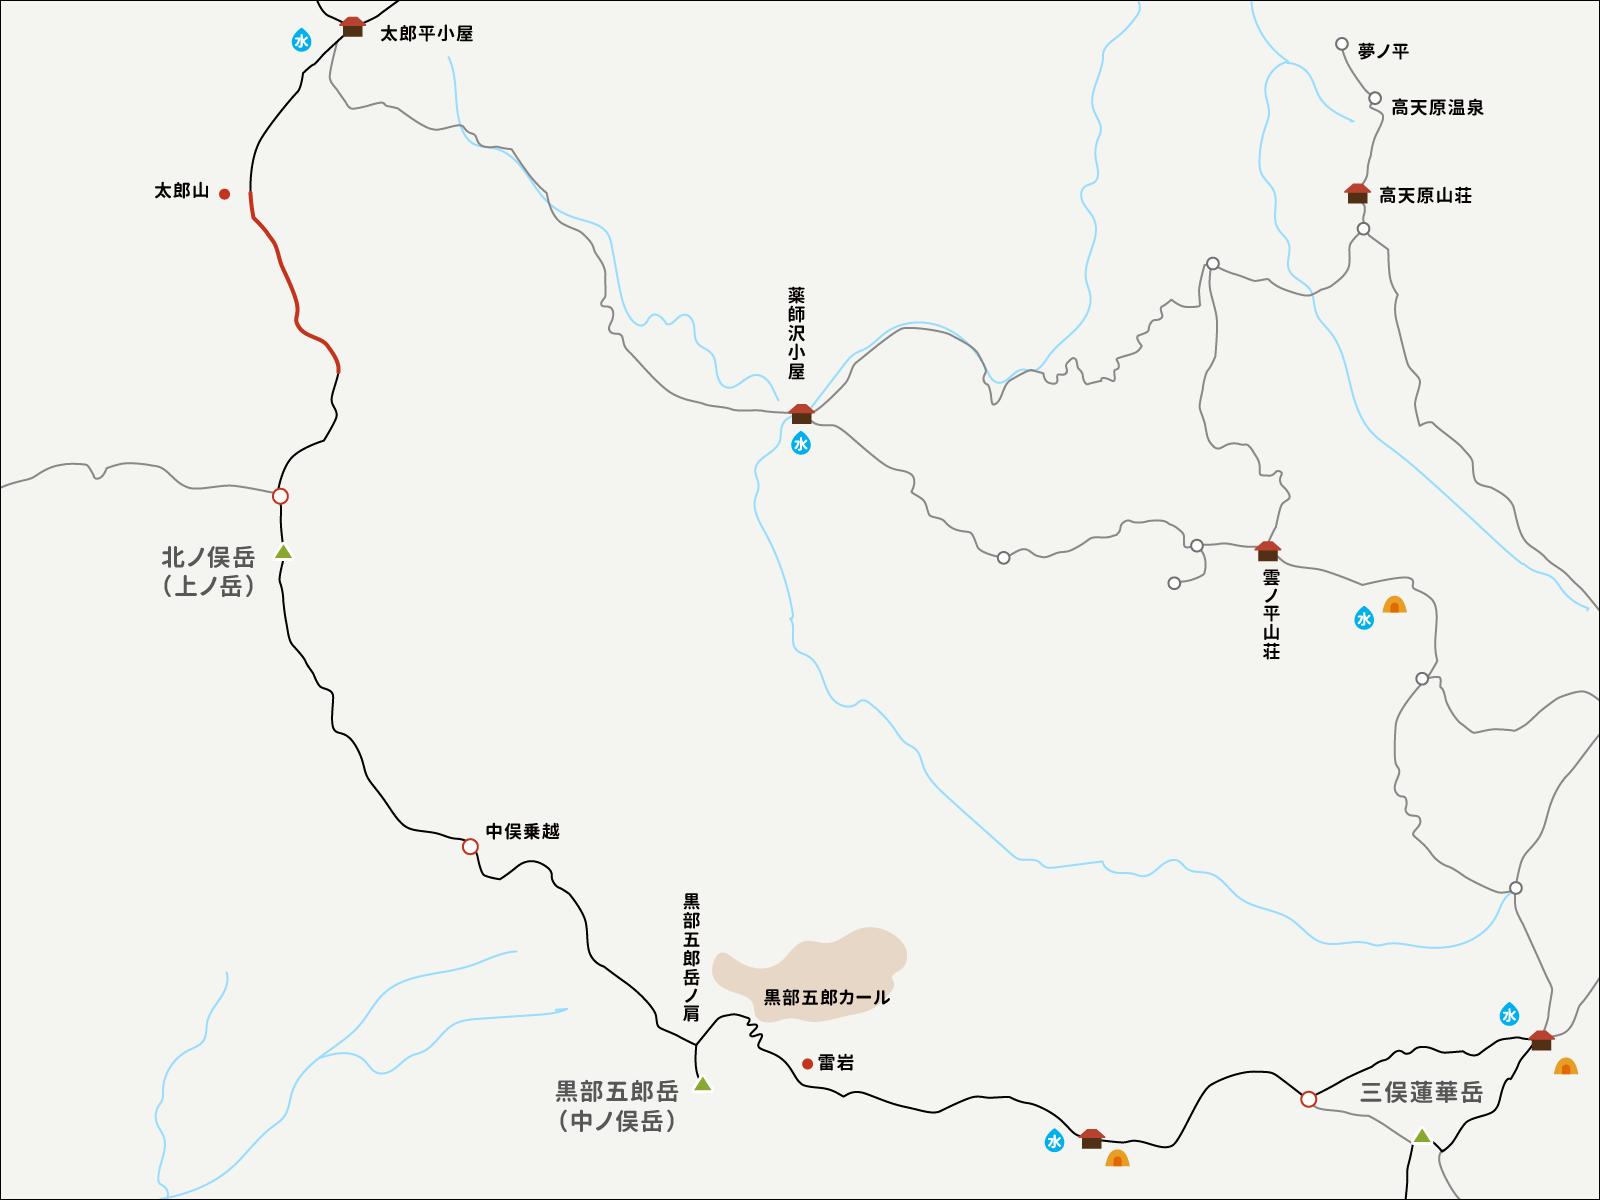 太郎山分岐からのイラストマップ